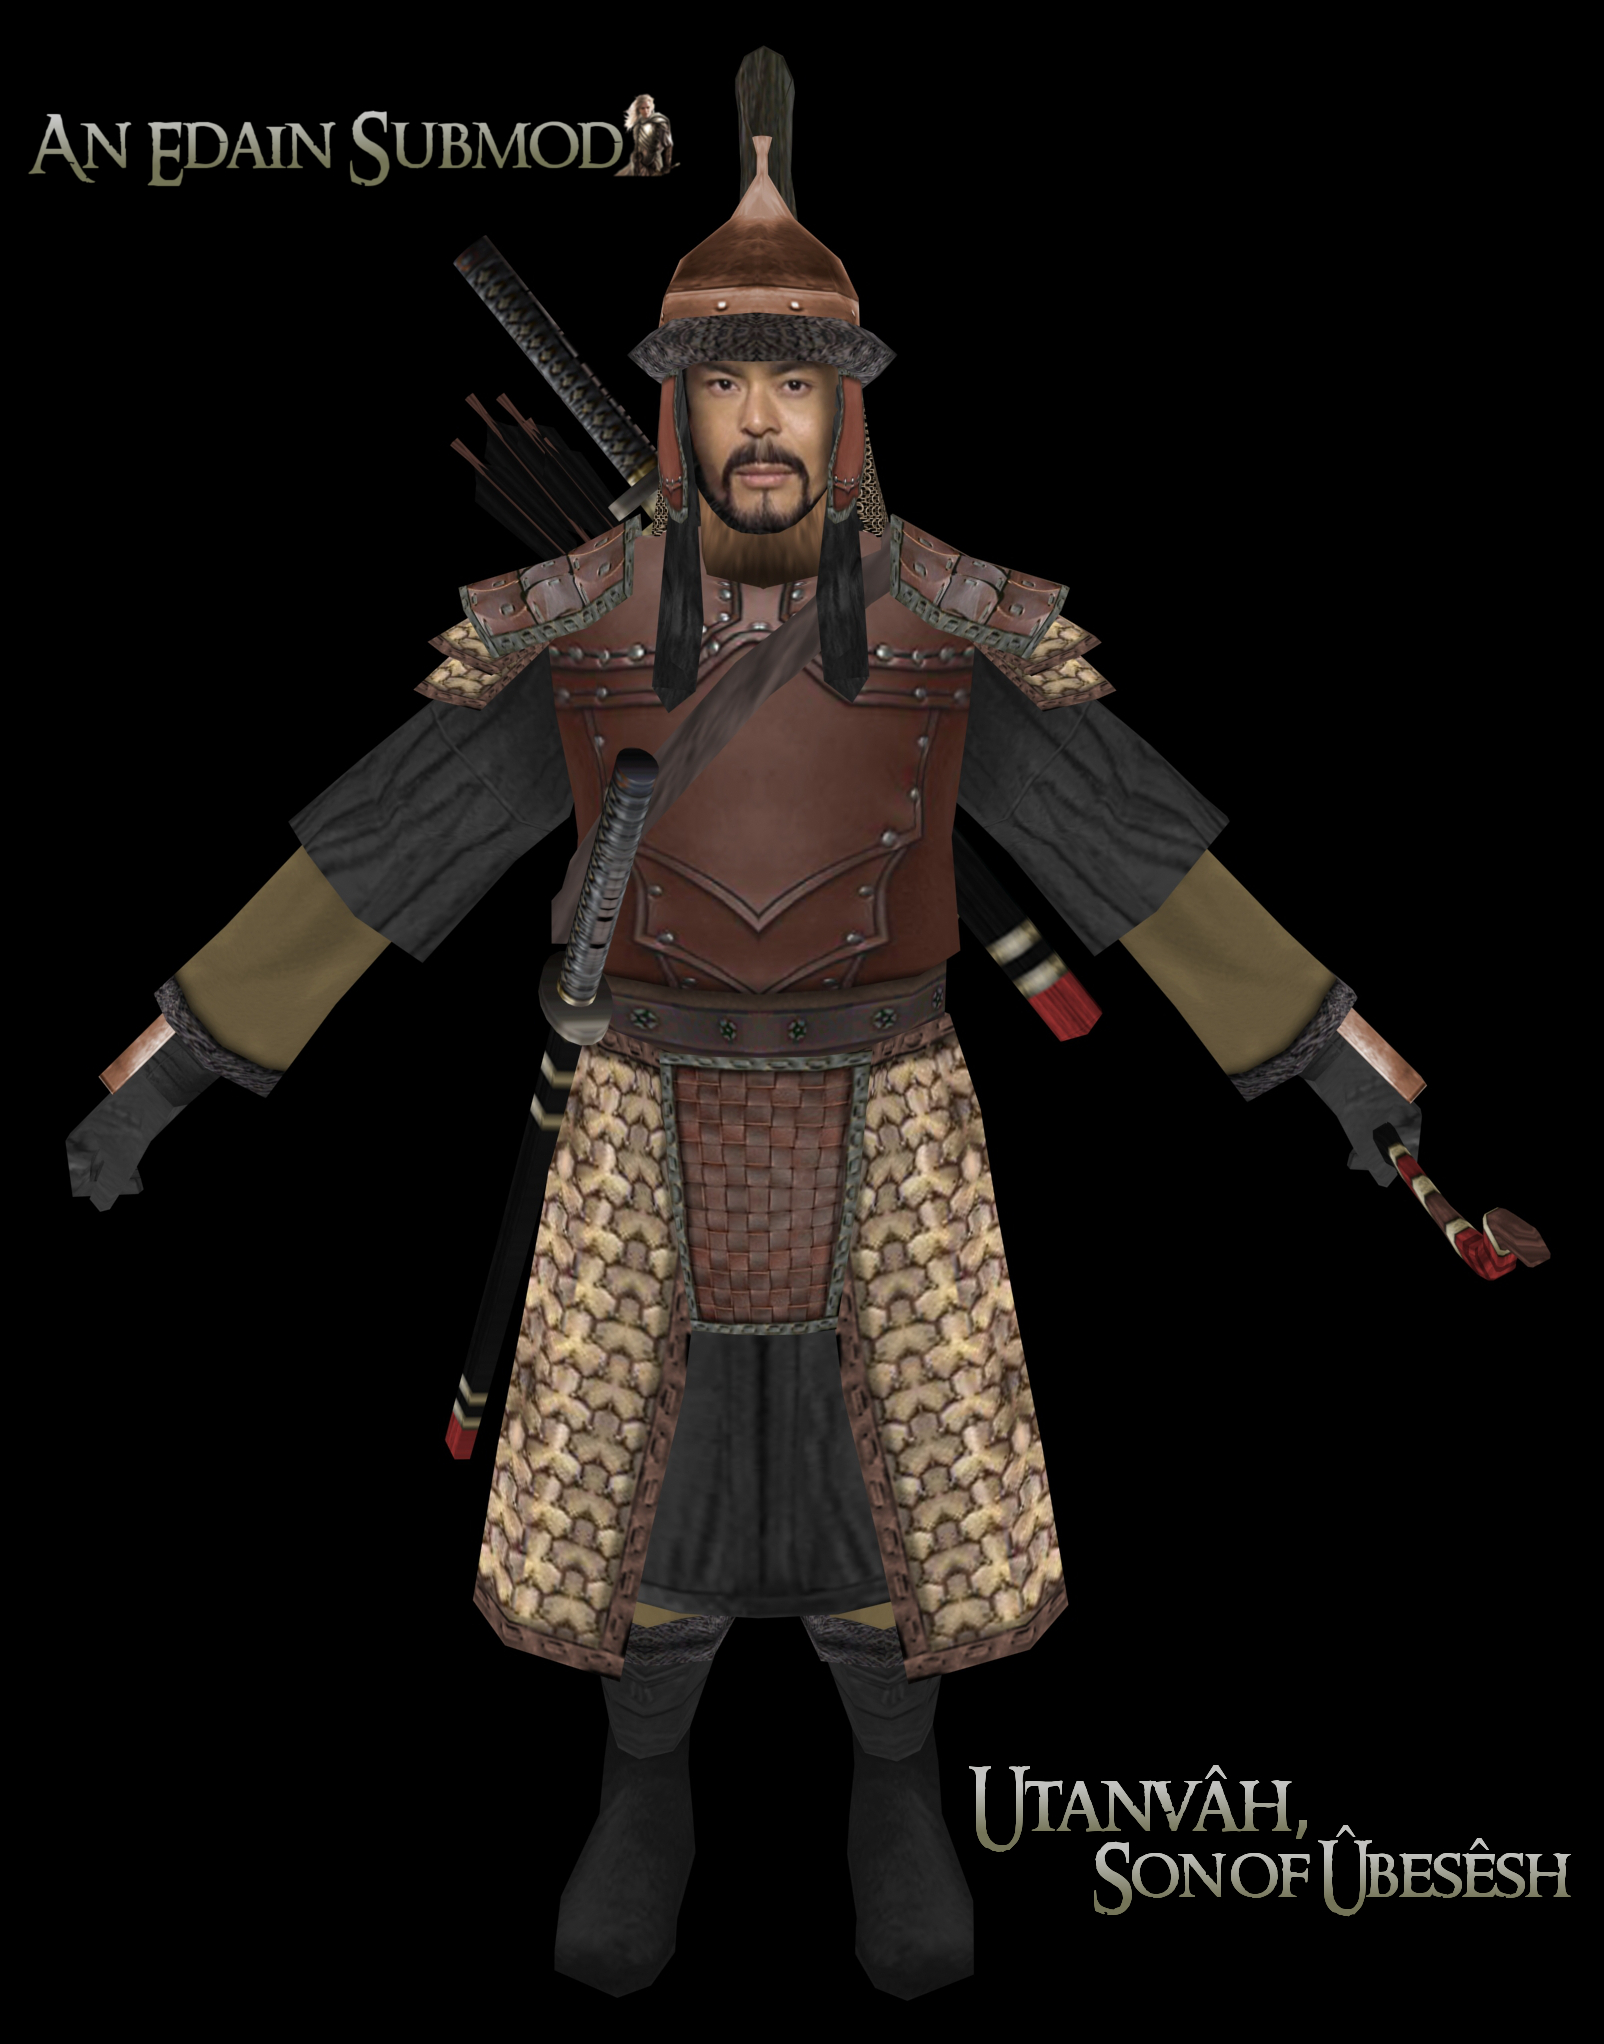 Utanvâh, Son of Ûbesêsh